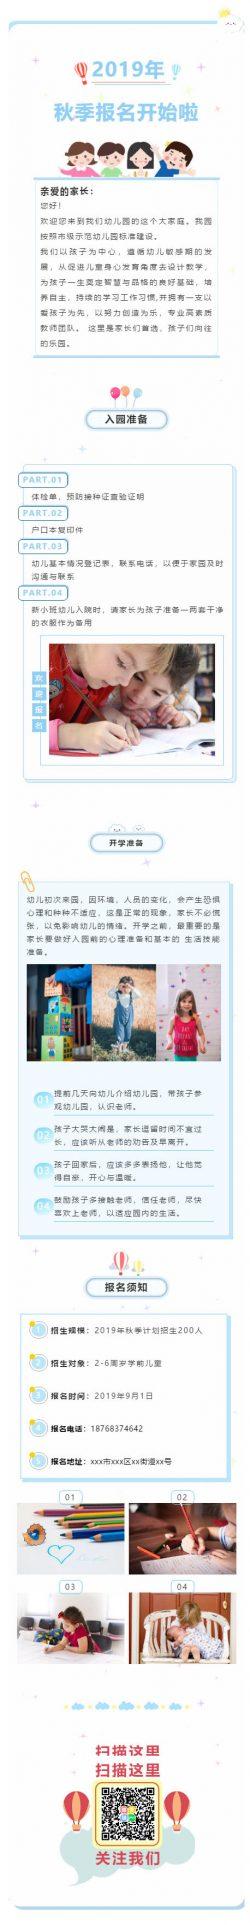 幼儿园可爱动态图标学校教育开学报名微信模板公众号推文素材微信推送文章模板